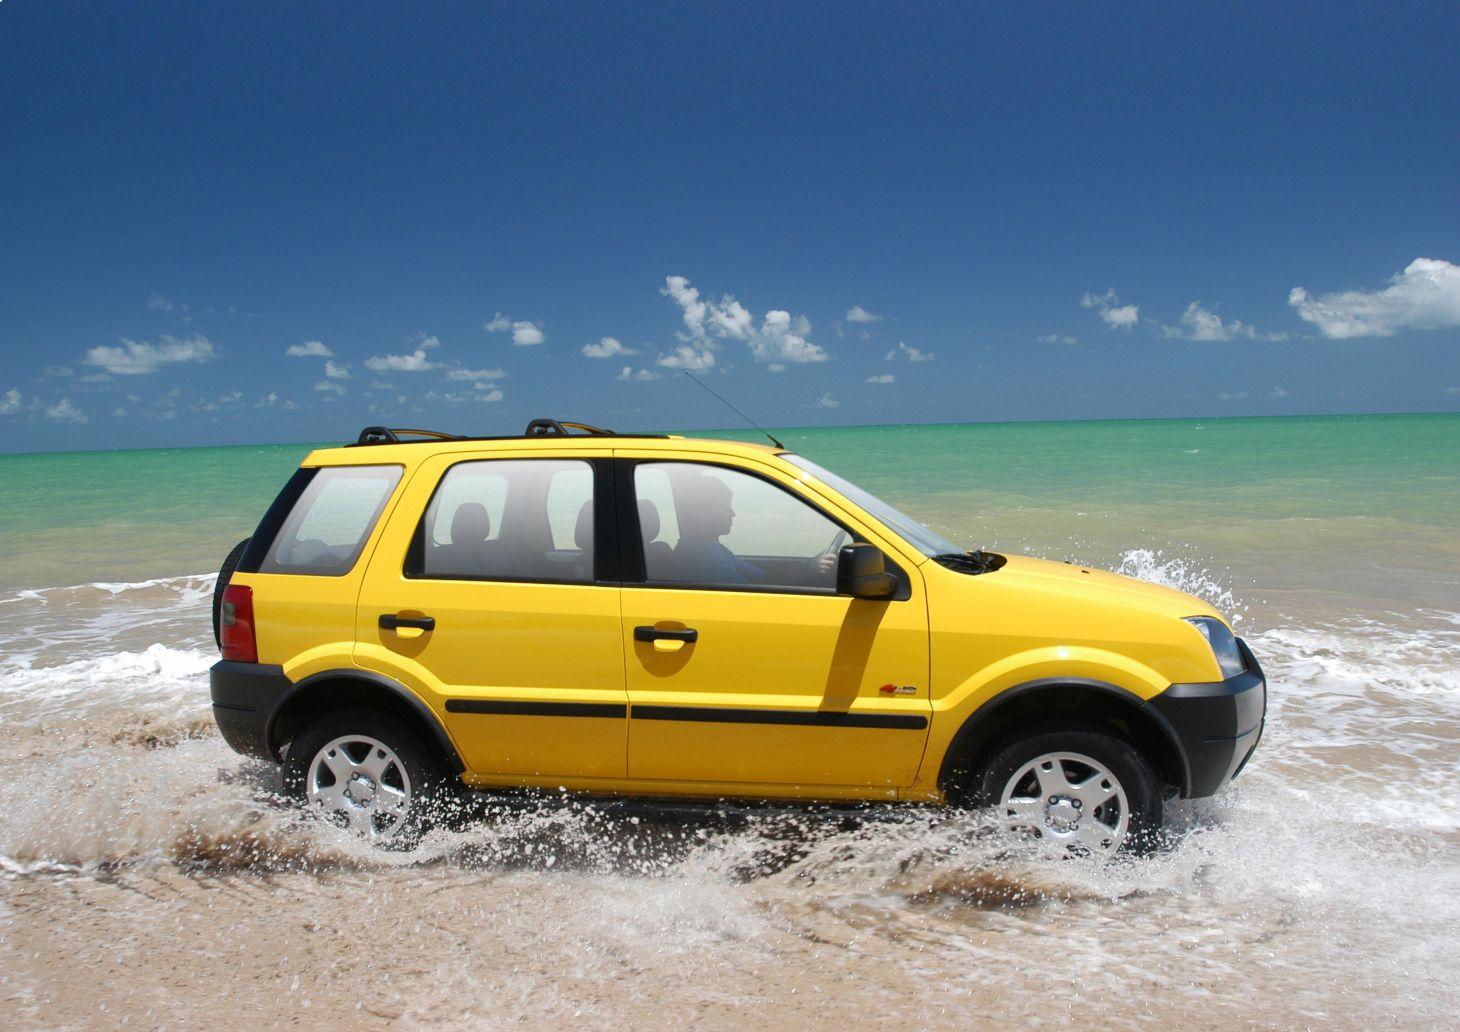 ford ecosporte amarelo